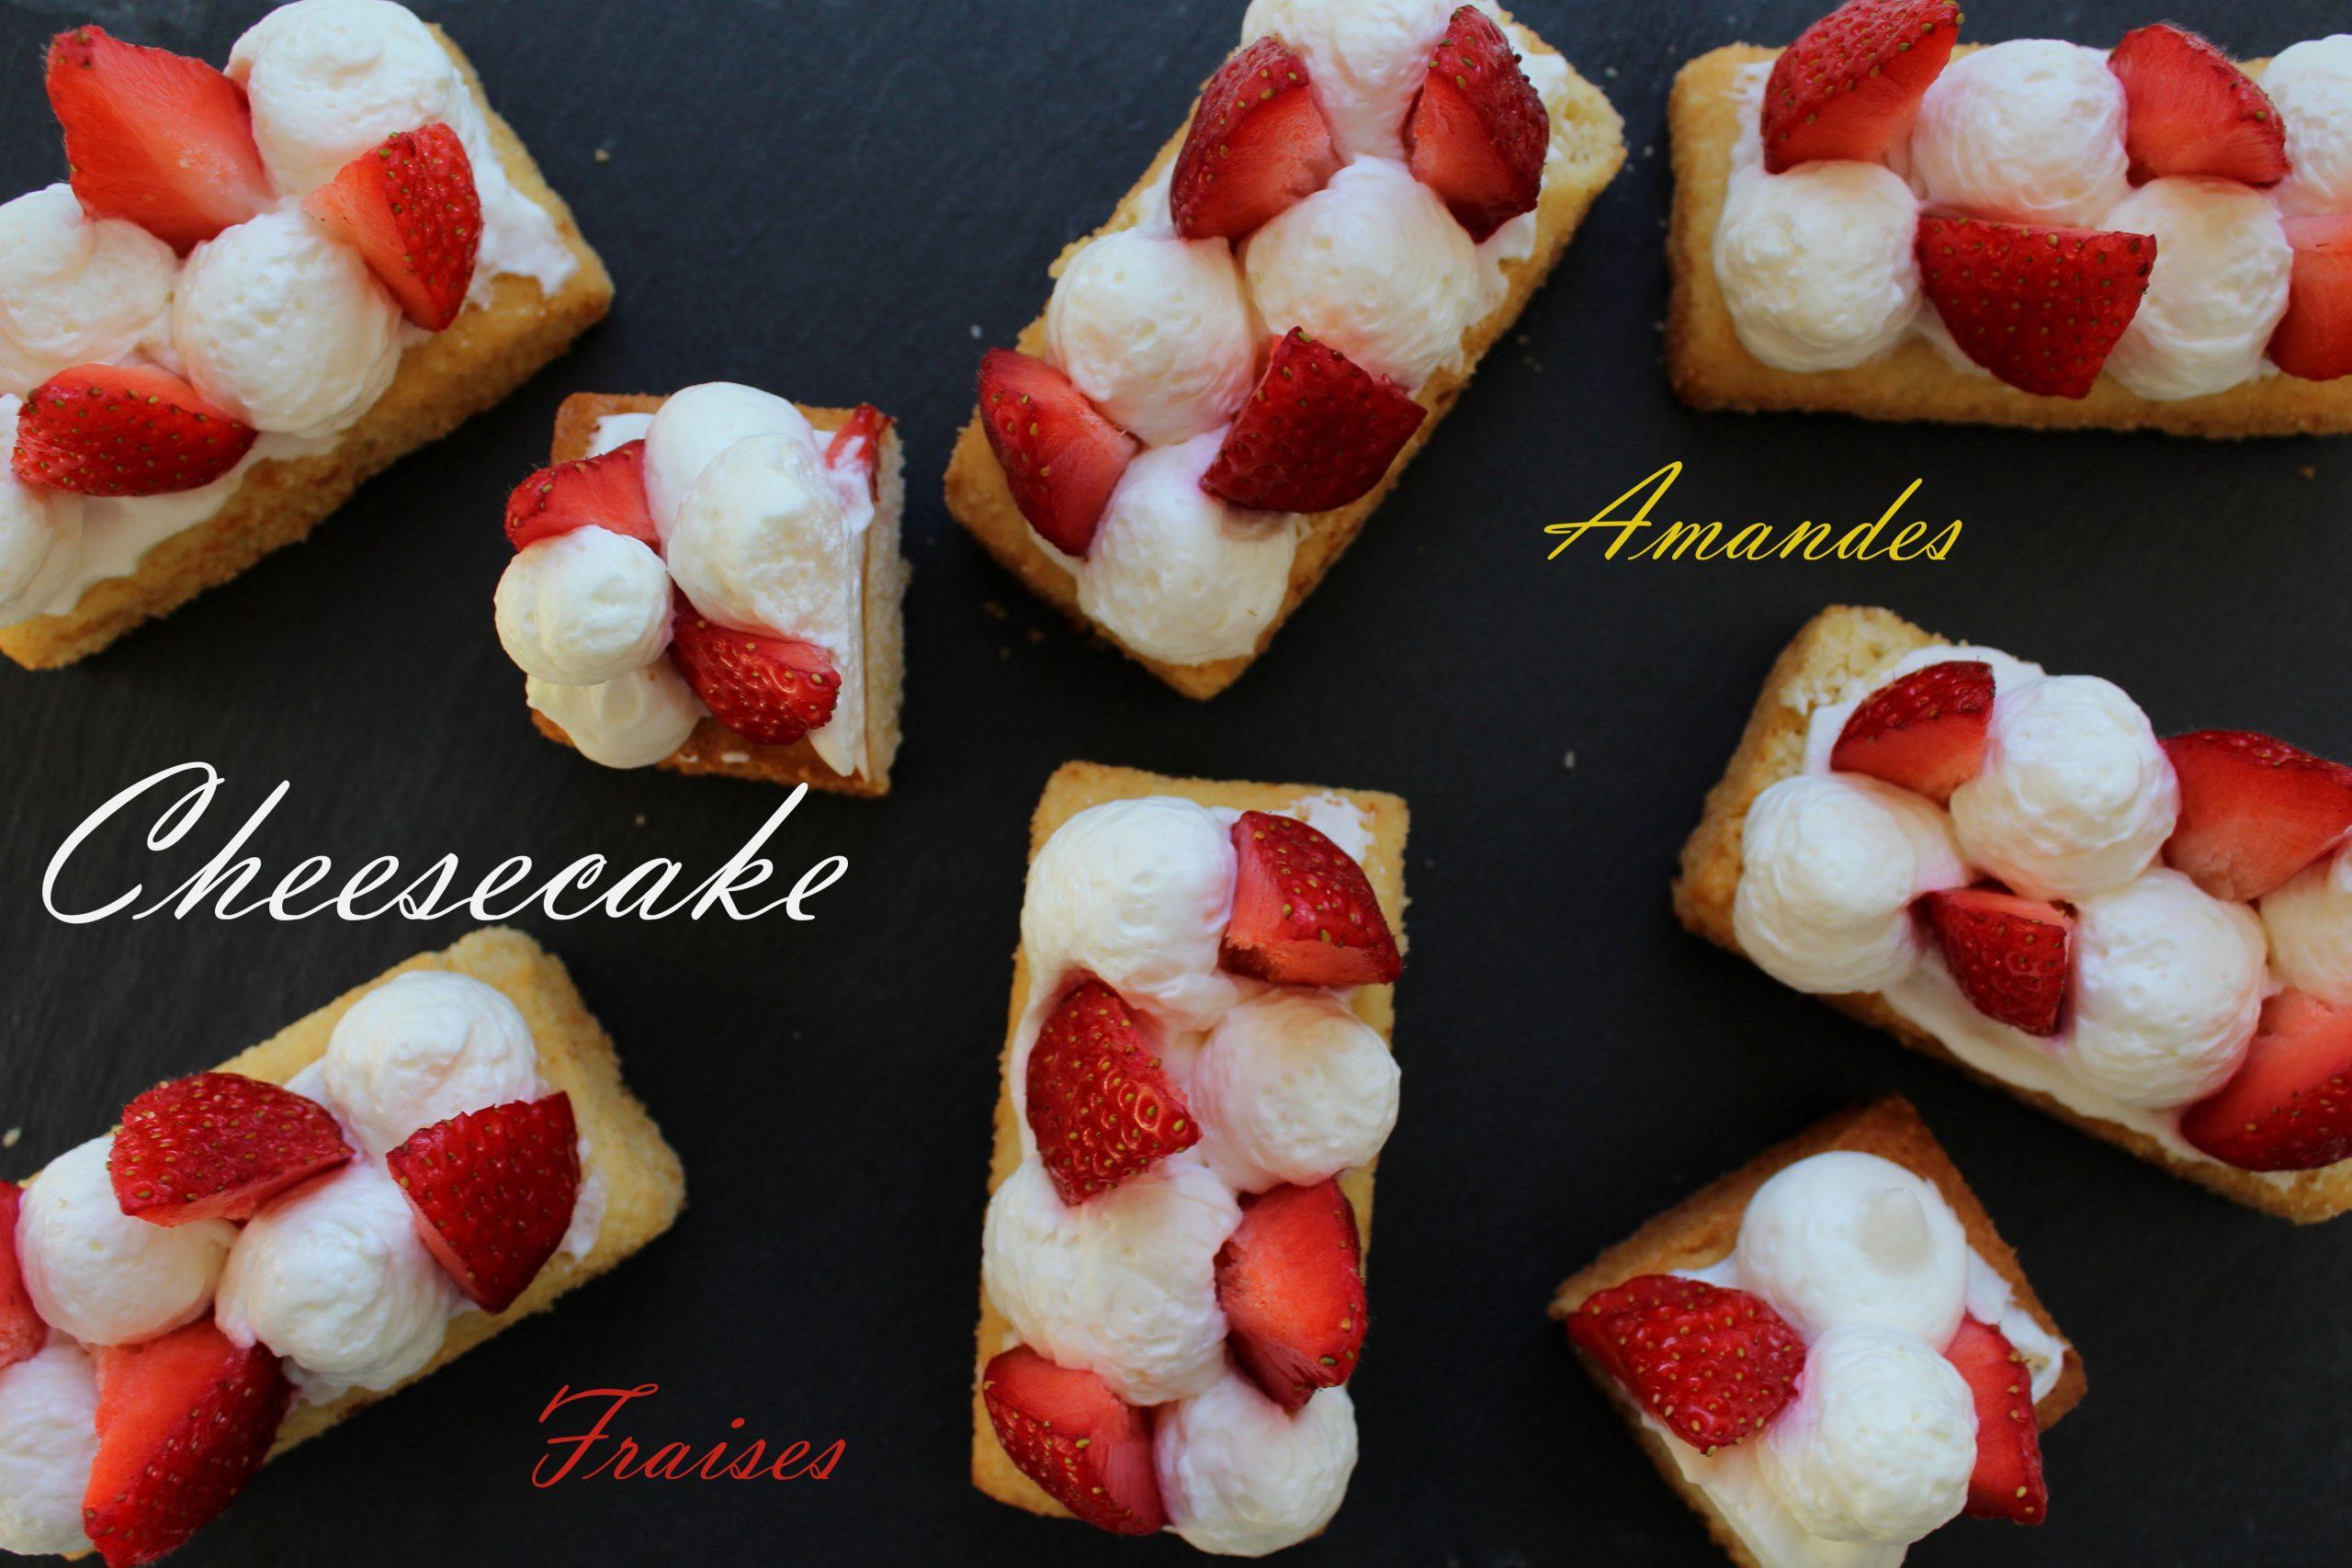 Photo de mise en avant du cheesecake revisité aux fraises, amande